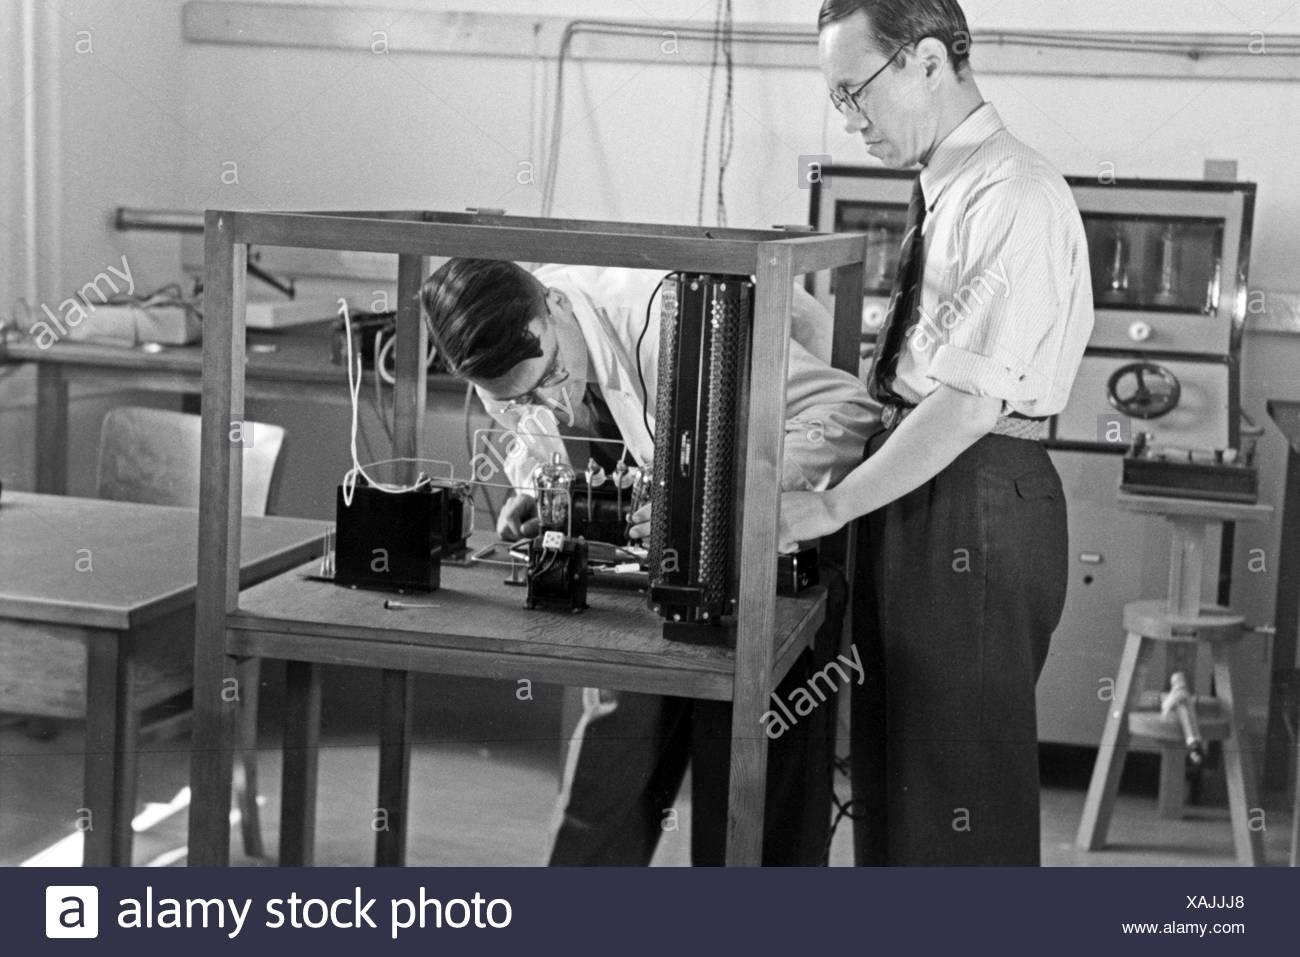 Zwei Mitarbeiter des Kaiser Wilhelm Instituts für Physik in Berlin Dahlem, Deutschland 1930er Jahre. Two staff members of the Kaiser Wilhelm Institute for physics in Berlin Dahlem, Germany 1930s - Stock Image